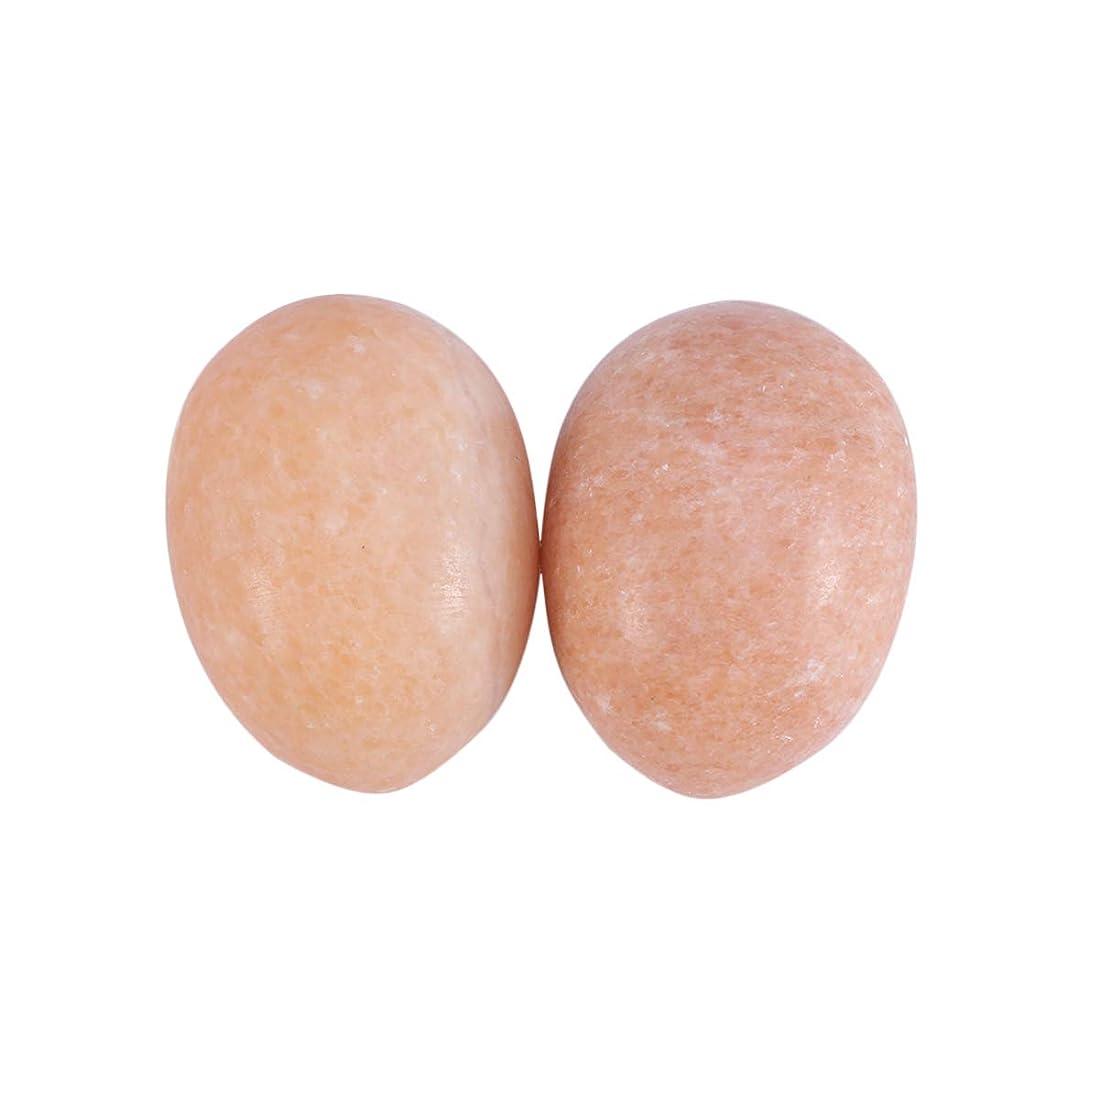 昇進彼らピニオンHealifty 妊娠中の女性のためのマッサージボール6個玉ヨニ卵骨盤底筋マッサージ運動膣締め付けボールヘルスケア(サンセットレッド)